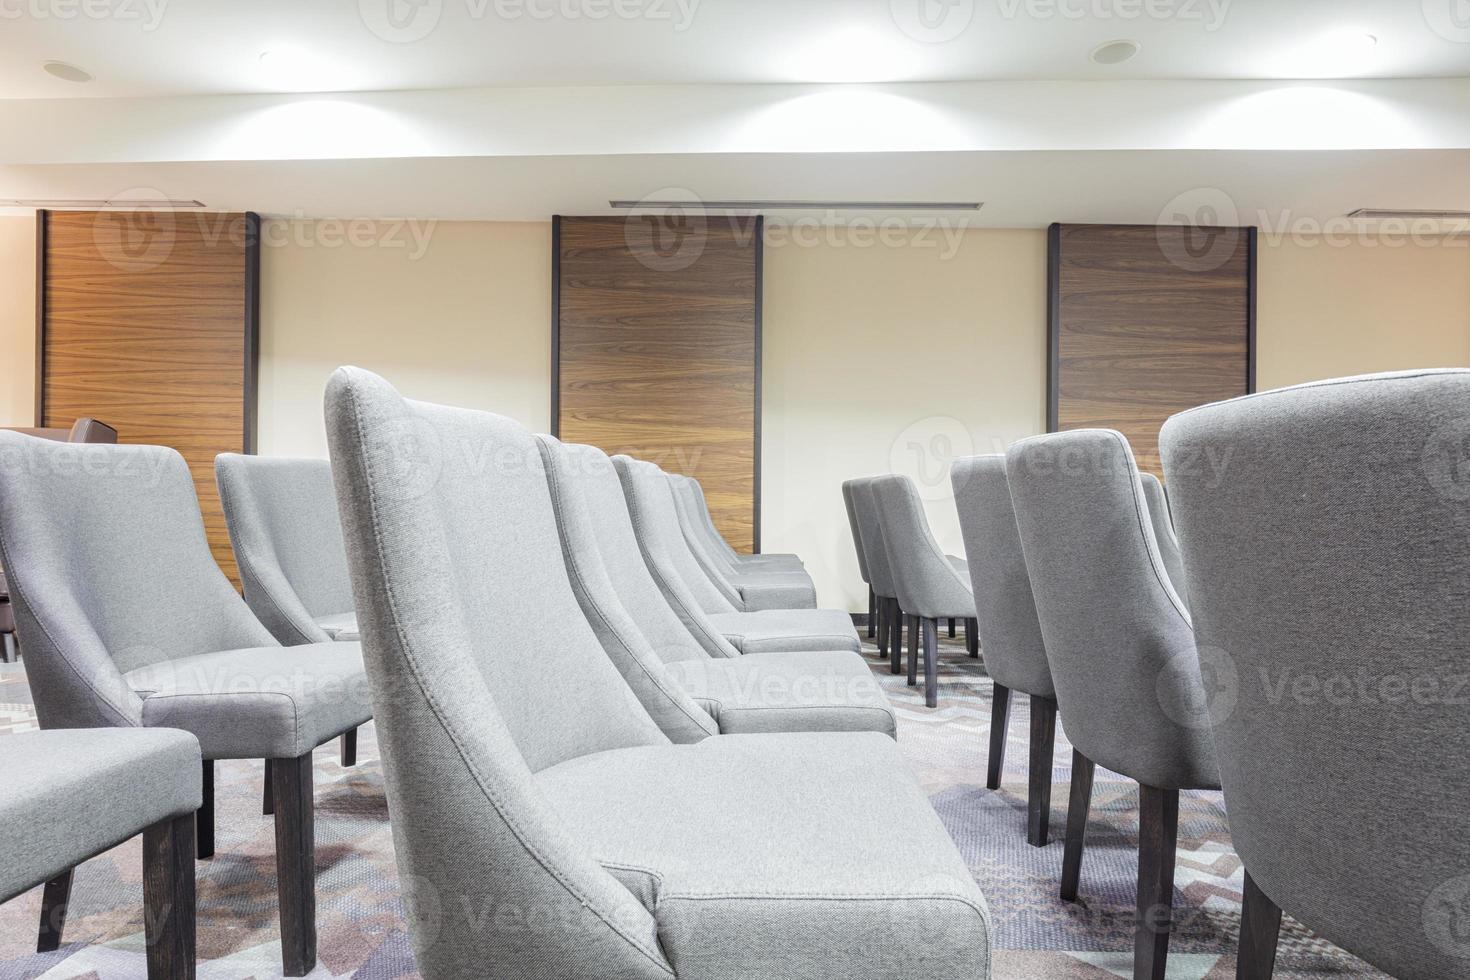 stoelen in een moderne presentatieruimte foto